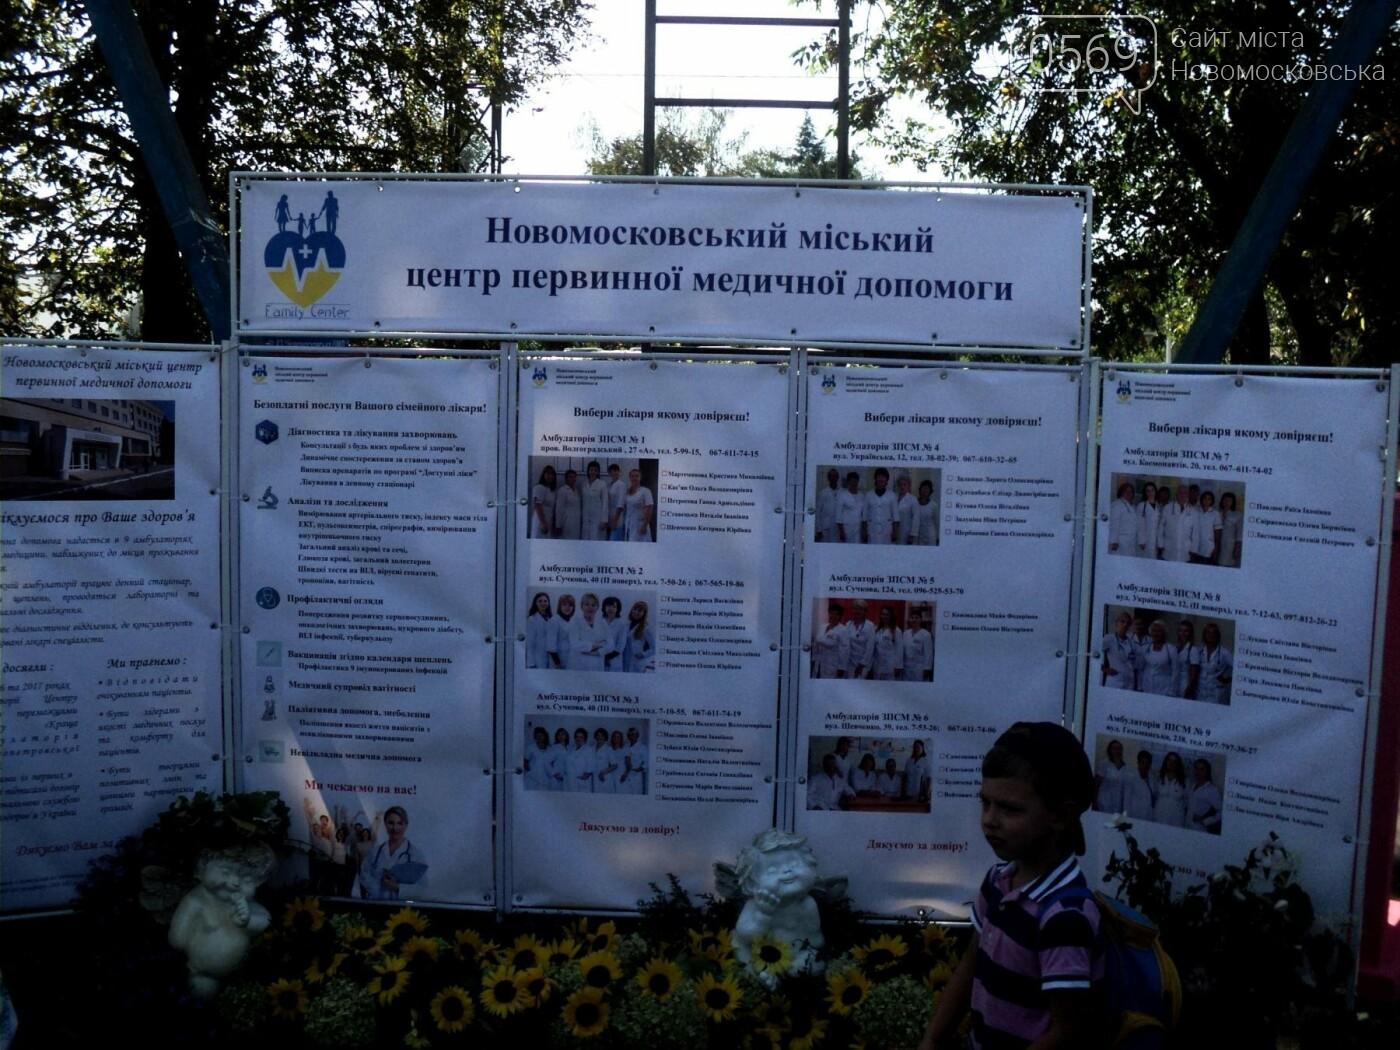 На міському стадіоні Новомосковська  пройшов масштабний святковий захід до Дня міста, фото-8